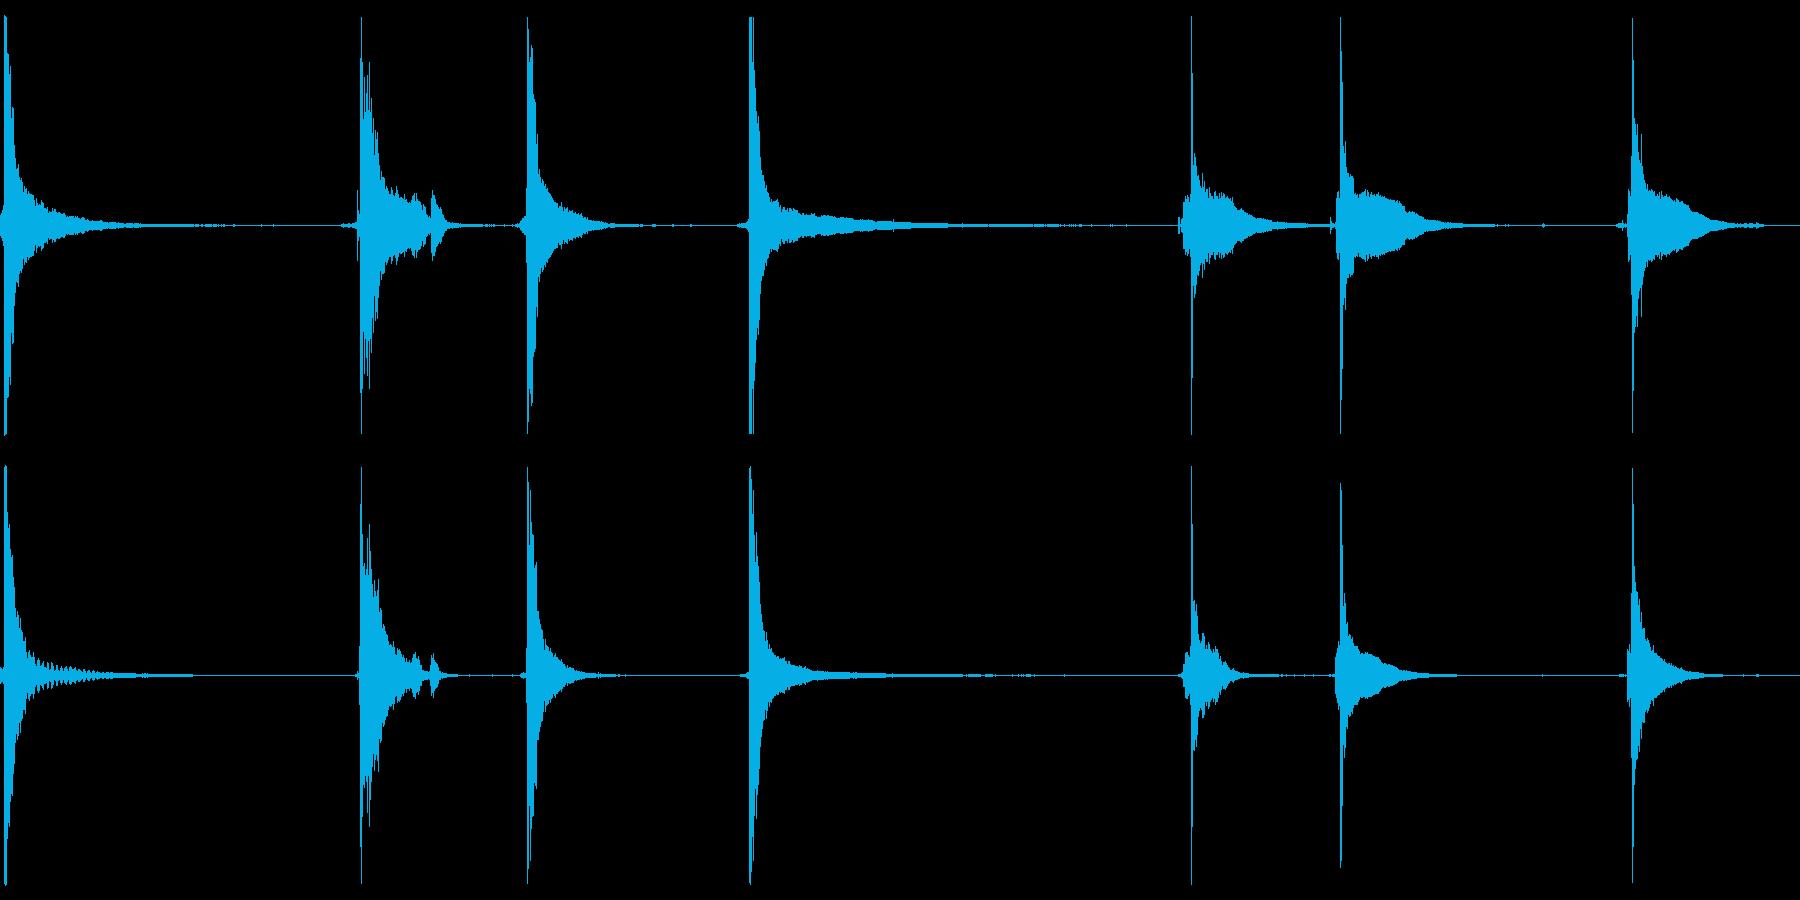 アルミニウムとスチールの打撃衝撃、...の再生済みの波形